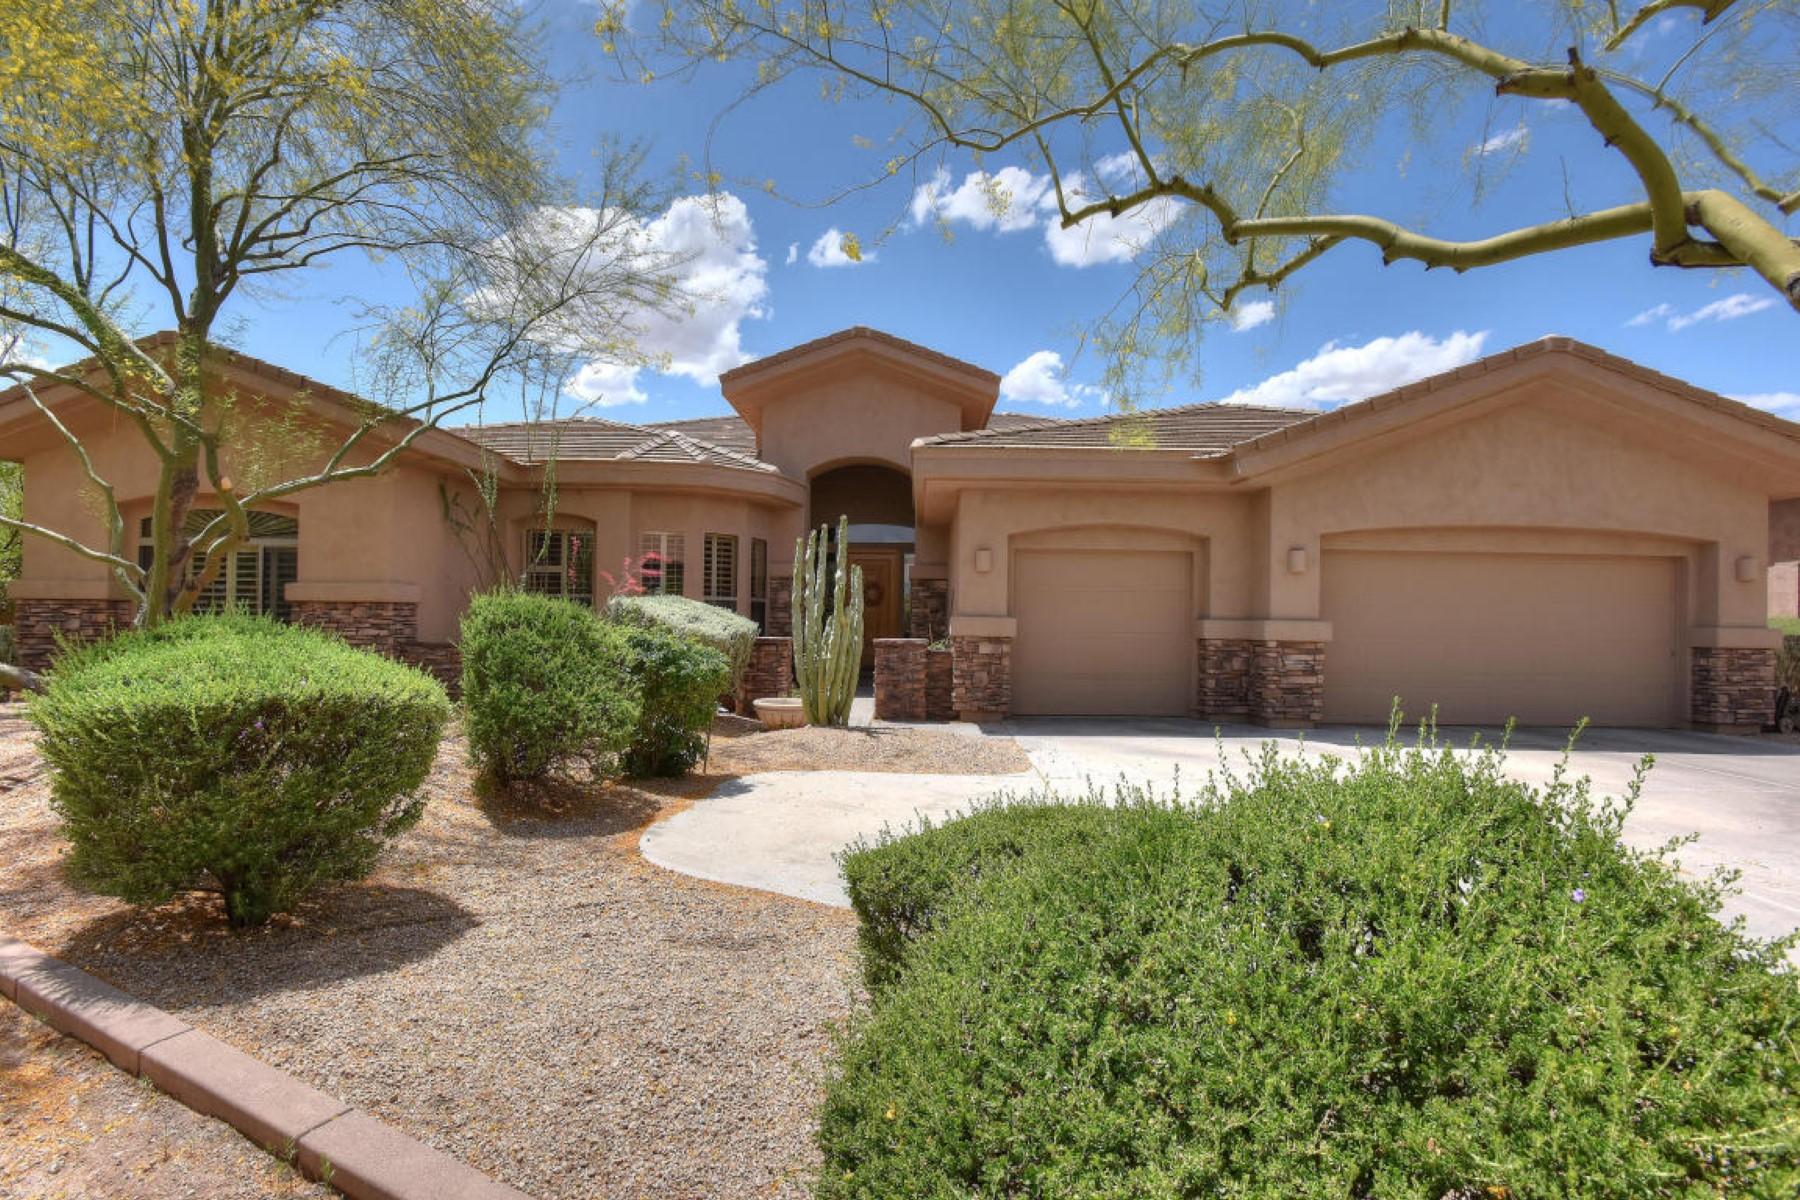 단독 가정 주택 용 매매 에 This stunning TW Lewis homes is situated on a quiet cul de sac lot. 24412 N 77th ST Scottsdale, 아리조나 85255 미국